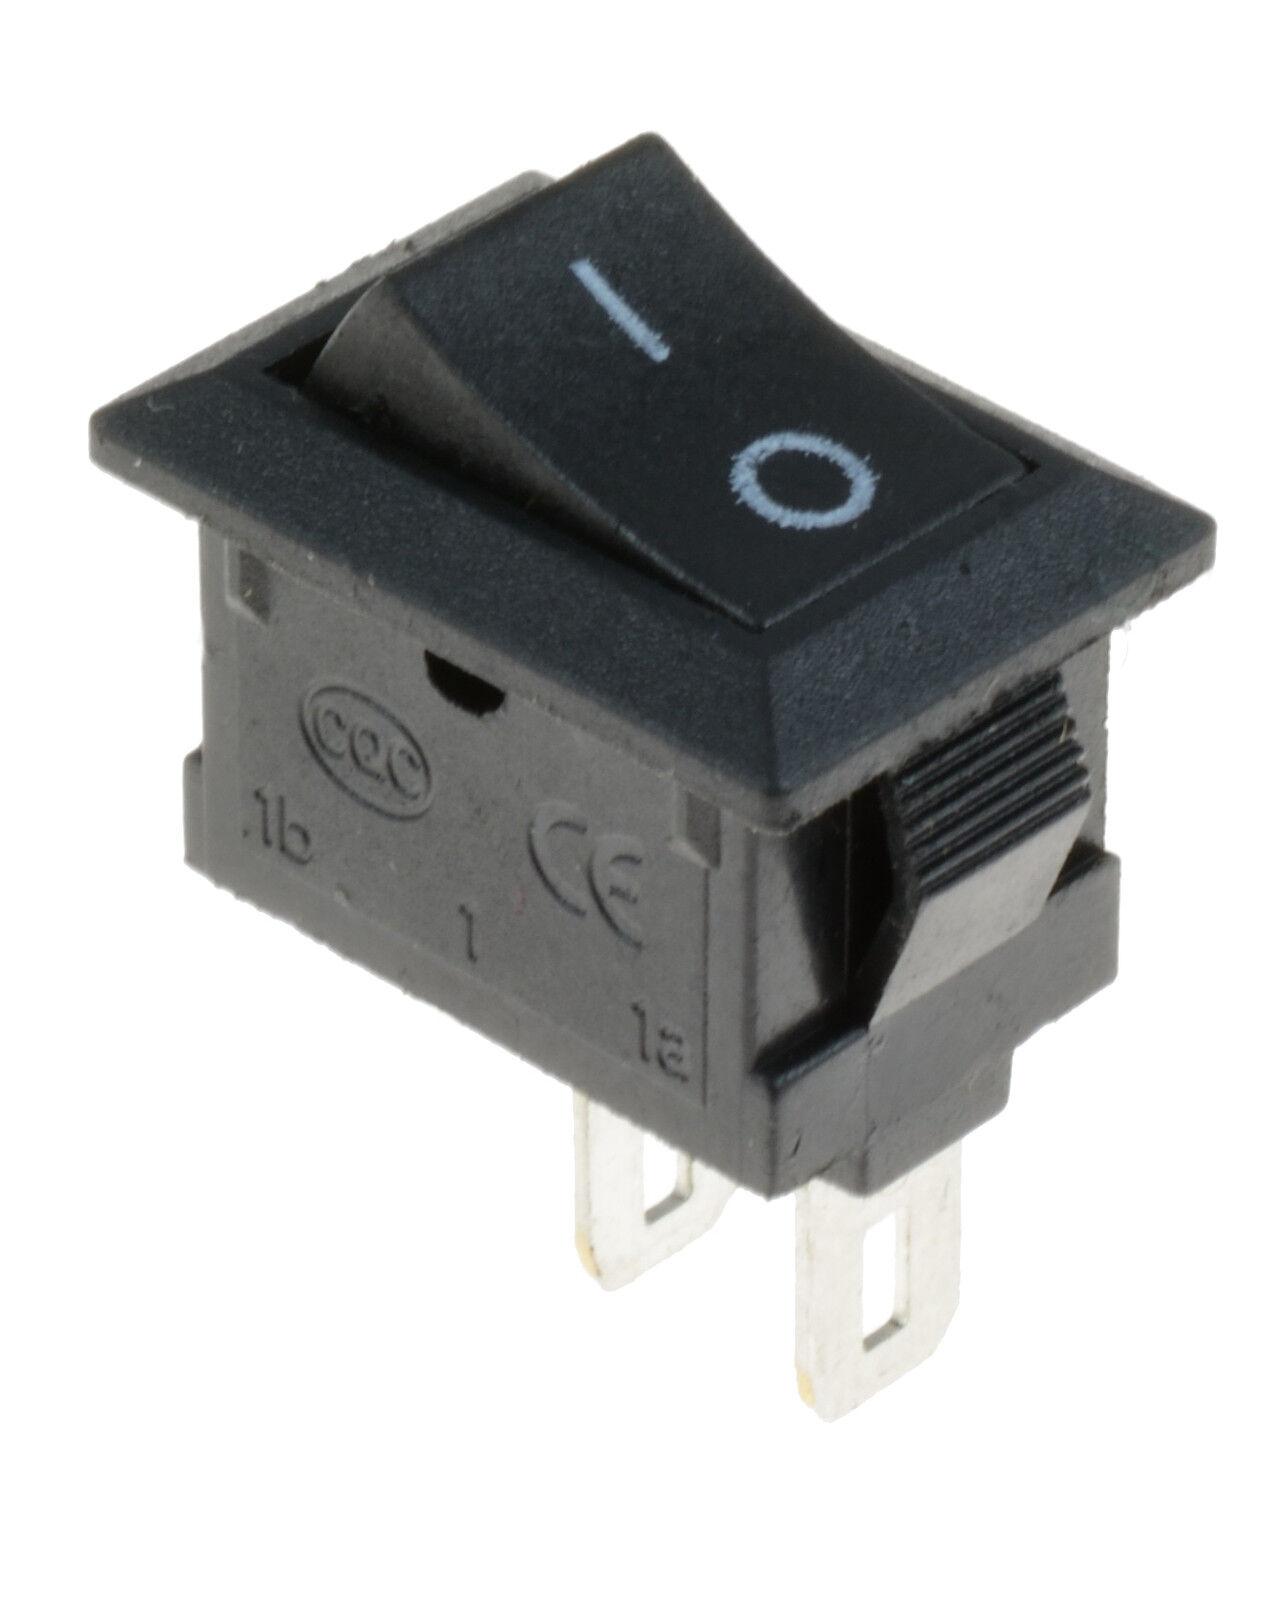 10 Xs Mini an aus Kippschalter Rechteckig Spst 12v Armaturenbrett